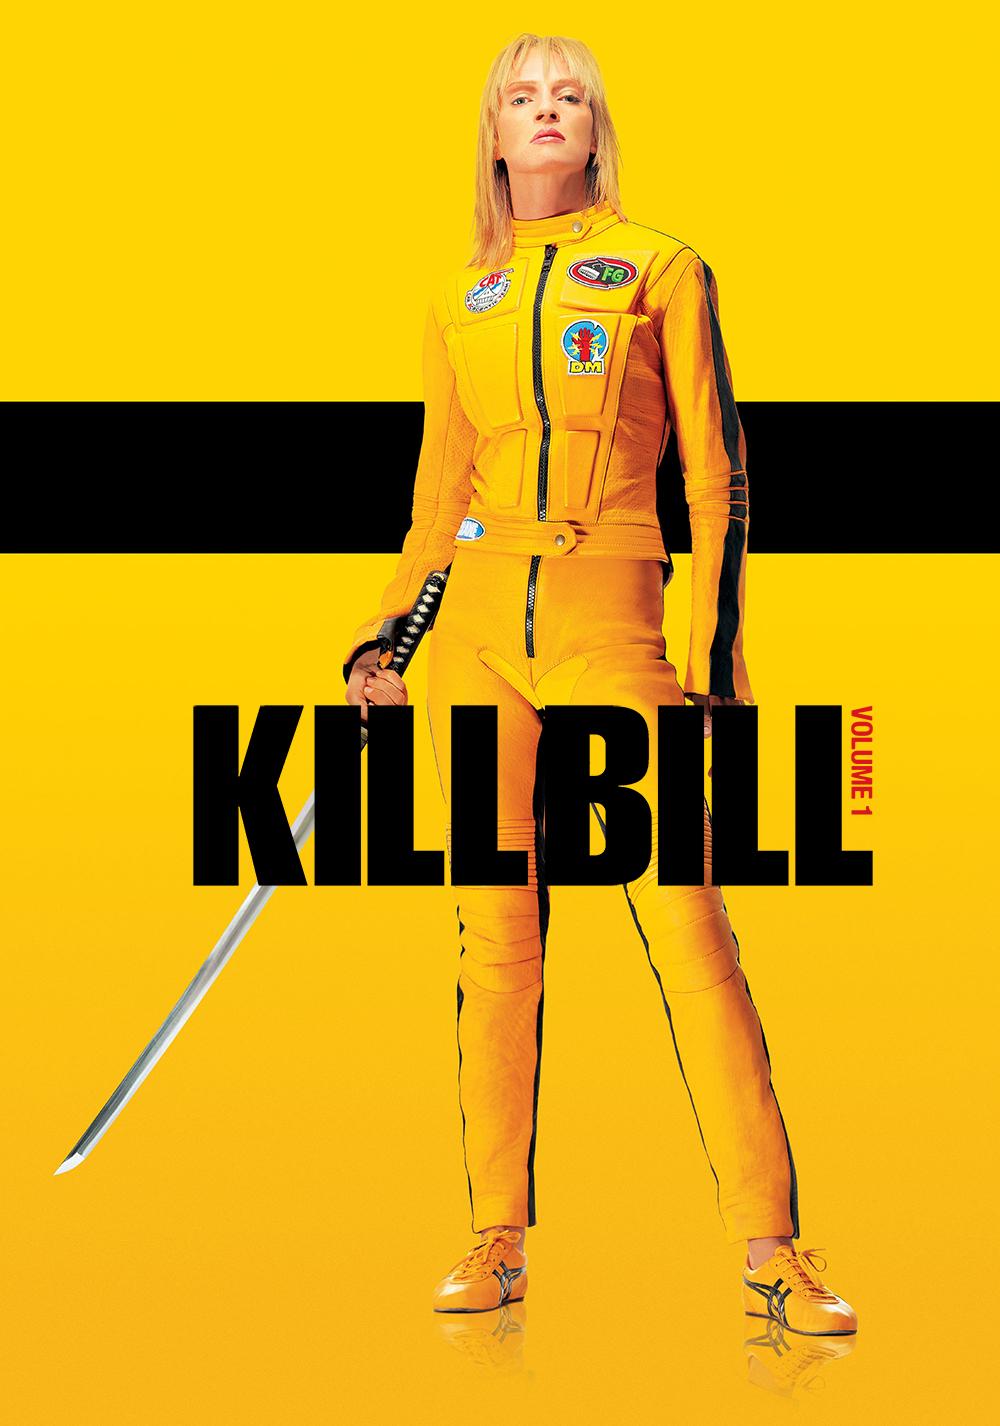 kill bill stream deutsch